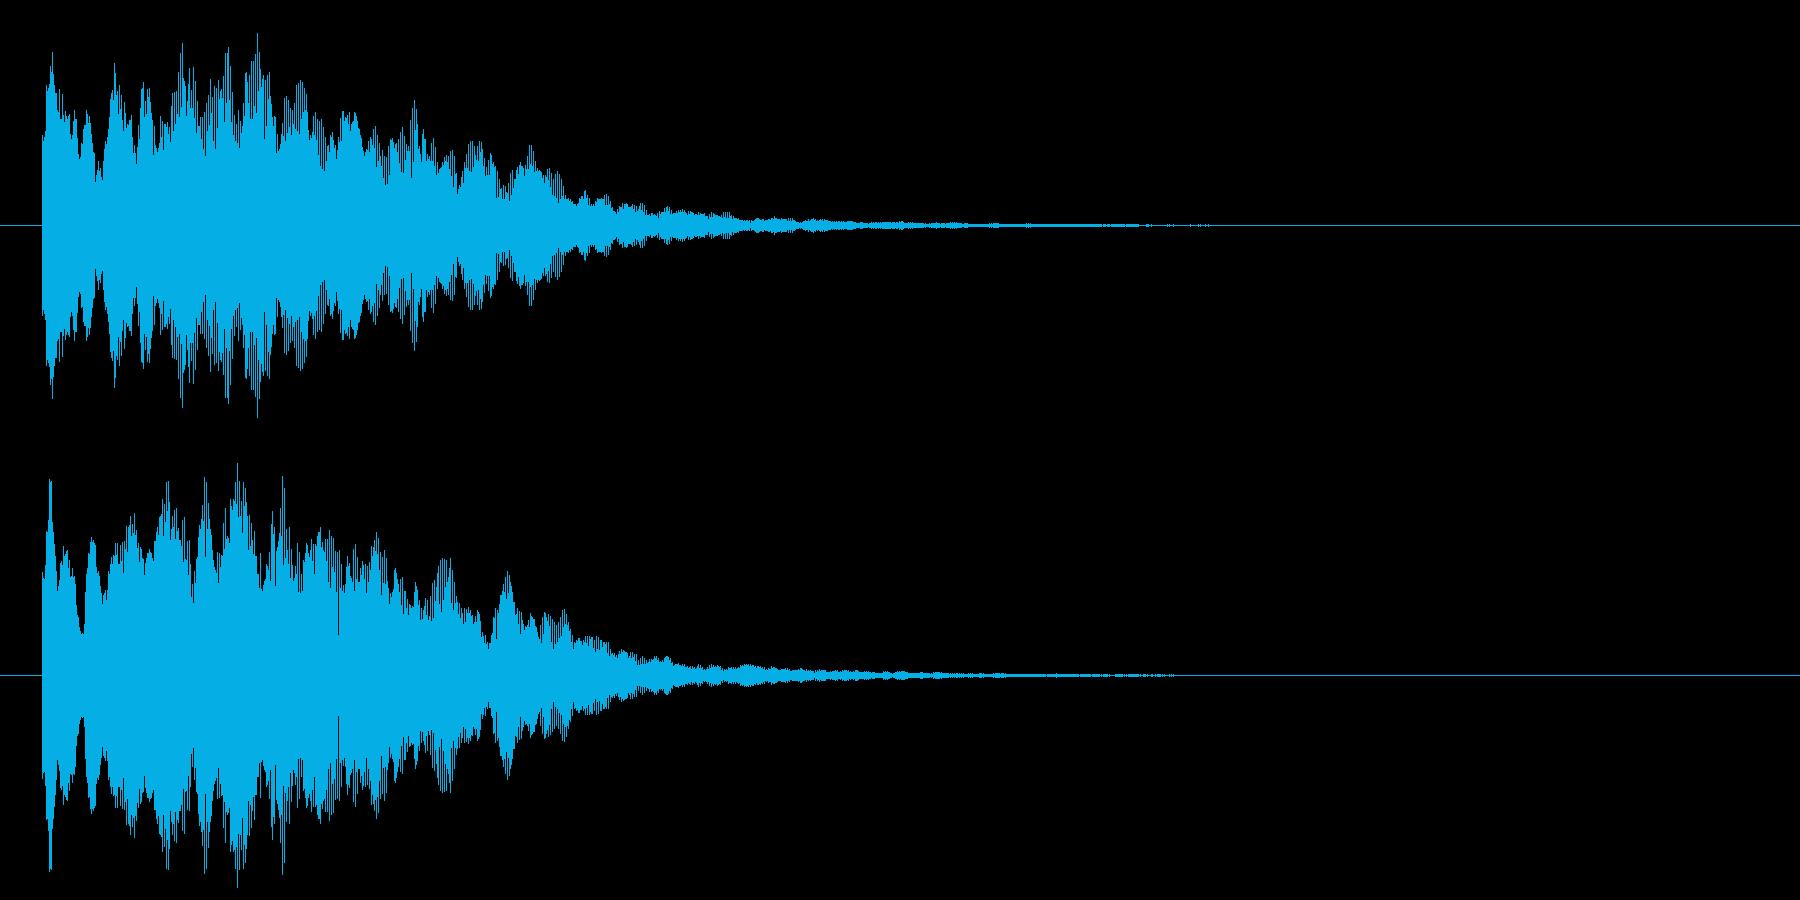 古いパソコンの終了音風ジングル2の再生済みの波形